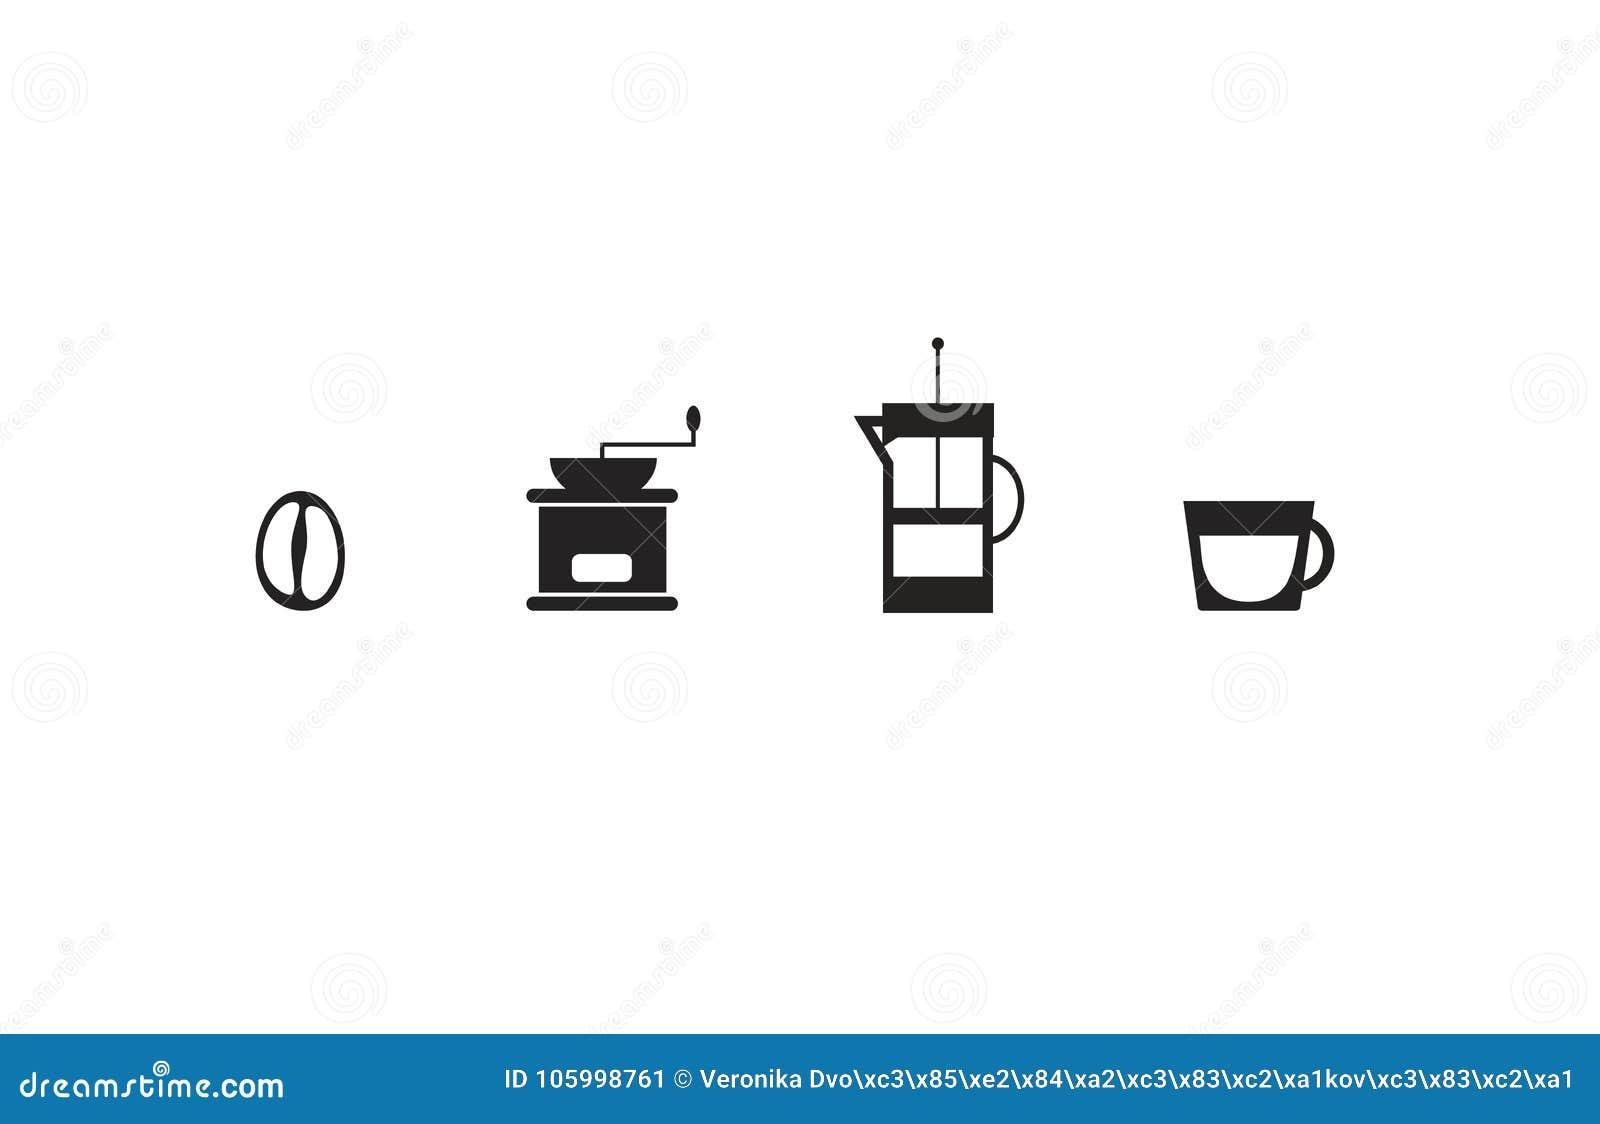 Σύνολο τεσσάρων απλών εικονιδίων με το θέμα καφέ: Φασόλι καφέ, κλασσικός μύλος, γαλλική κατσαρόλα Τύπου και μικρό φλυτζάνι